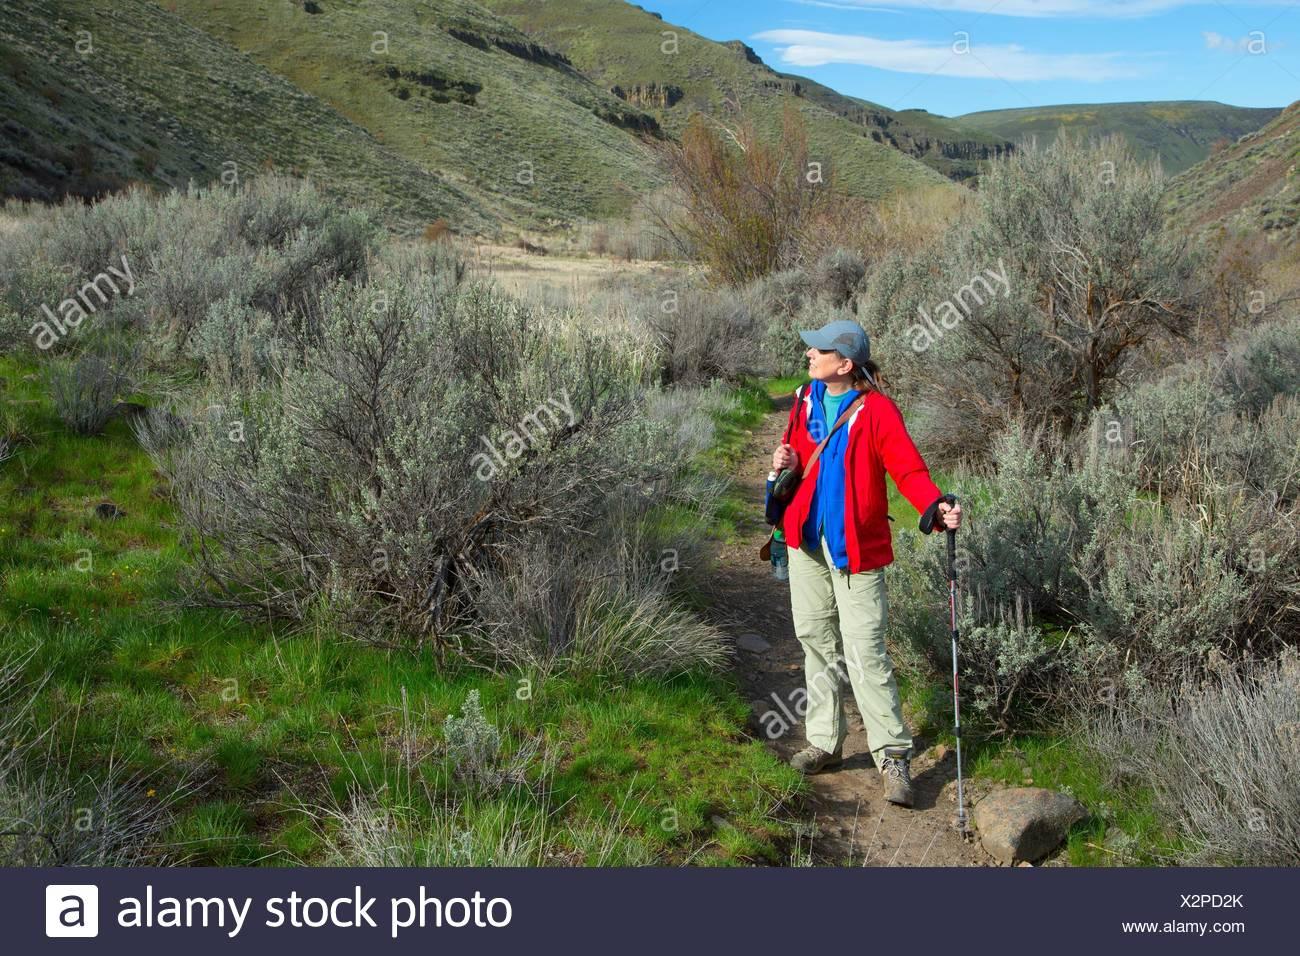 Umtanum Creek Trail, Yakima River Canyon Scenic and Recreational Highway, Wenas State Wildlife Area, Washington. - Stock Image